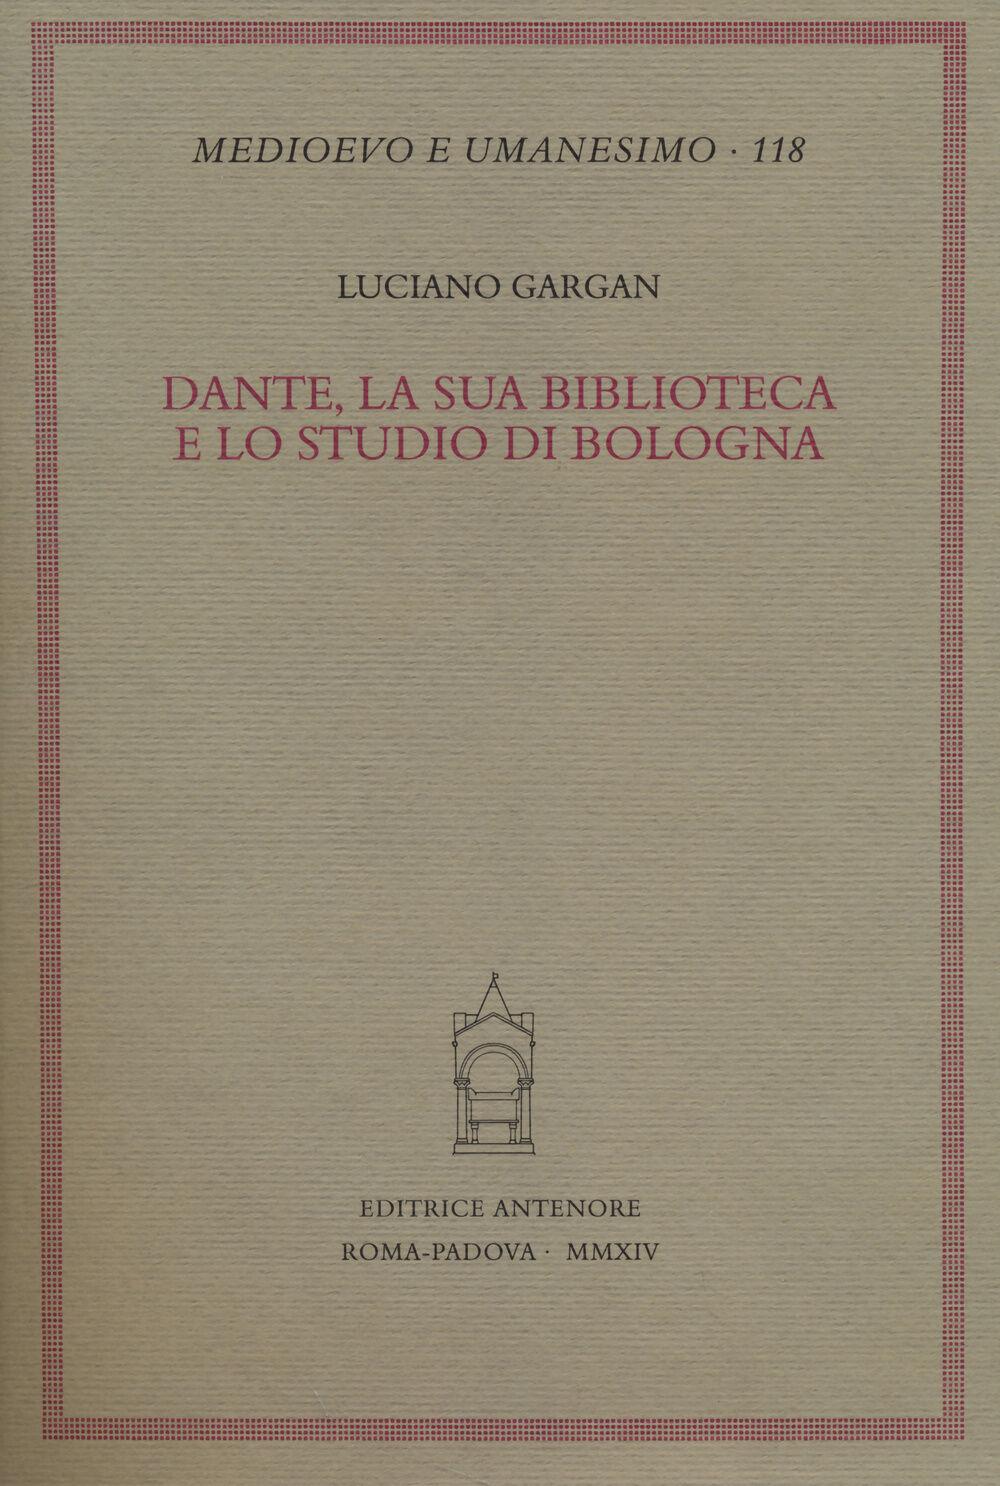 Dante, la sua biblioteca e lo studio di Bologna